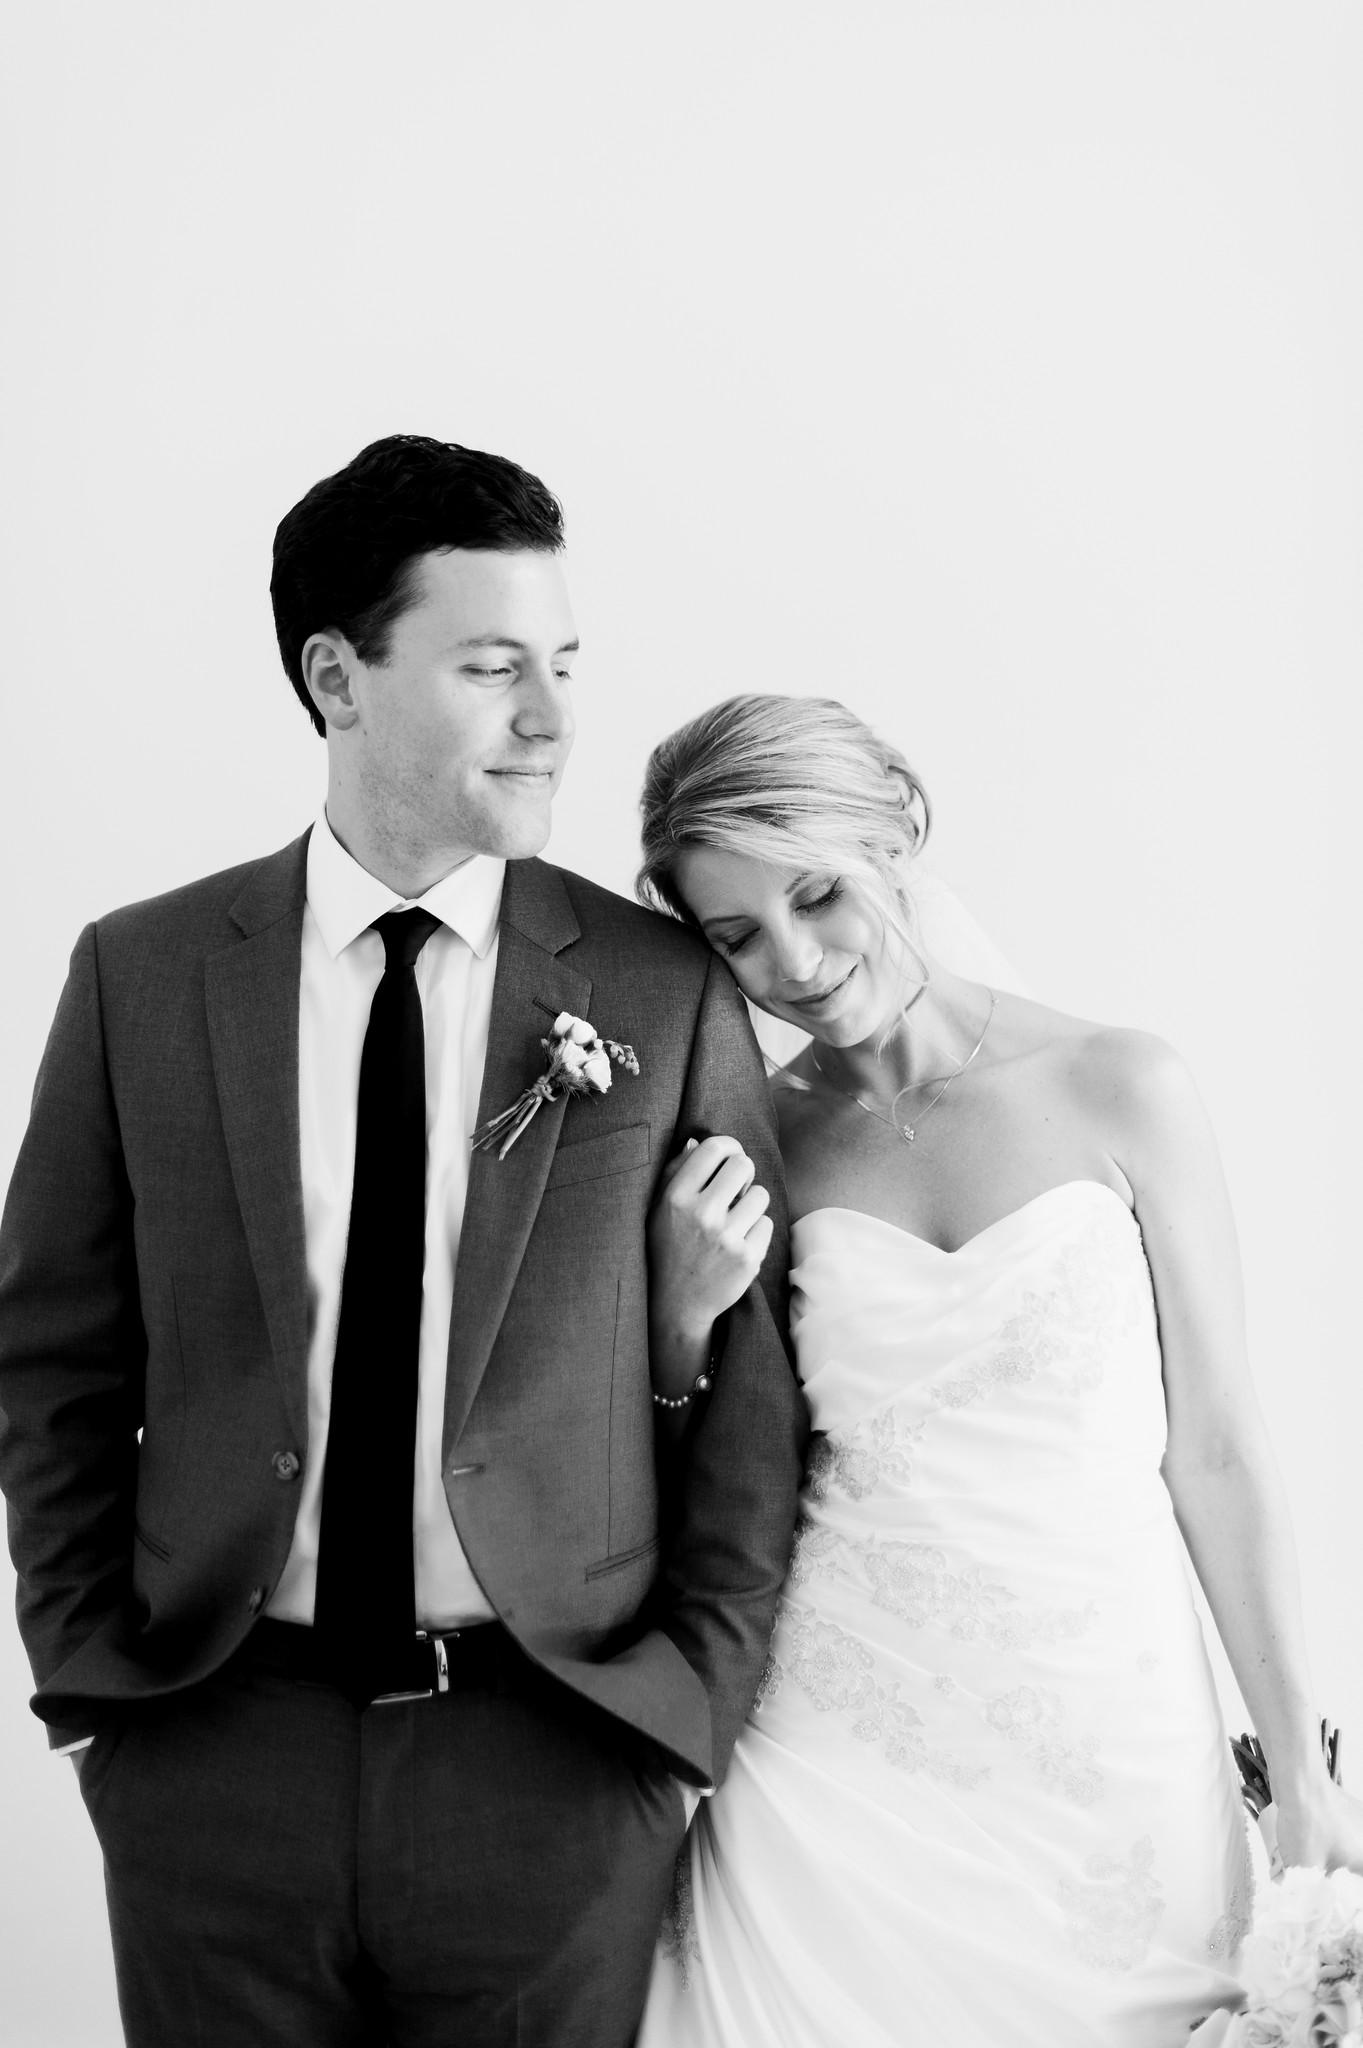 ernst-wedding-282-X4.jpg